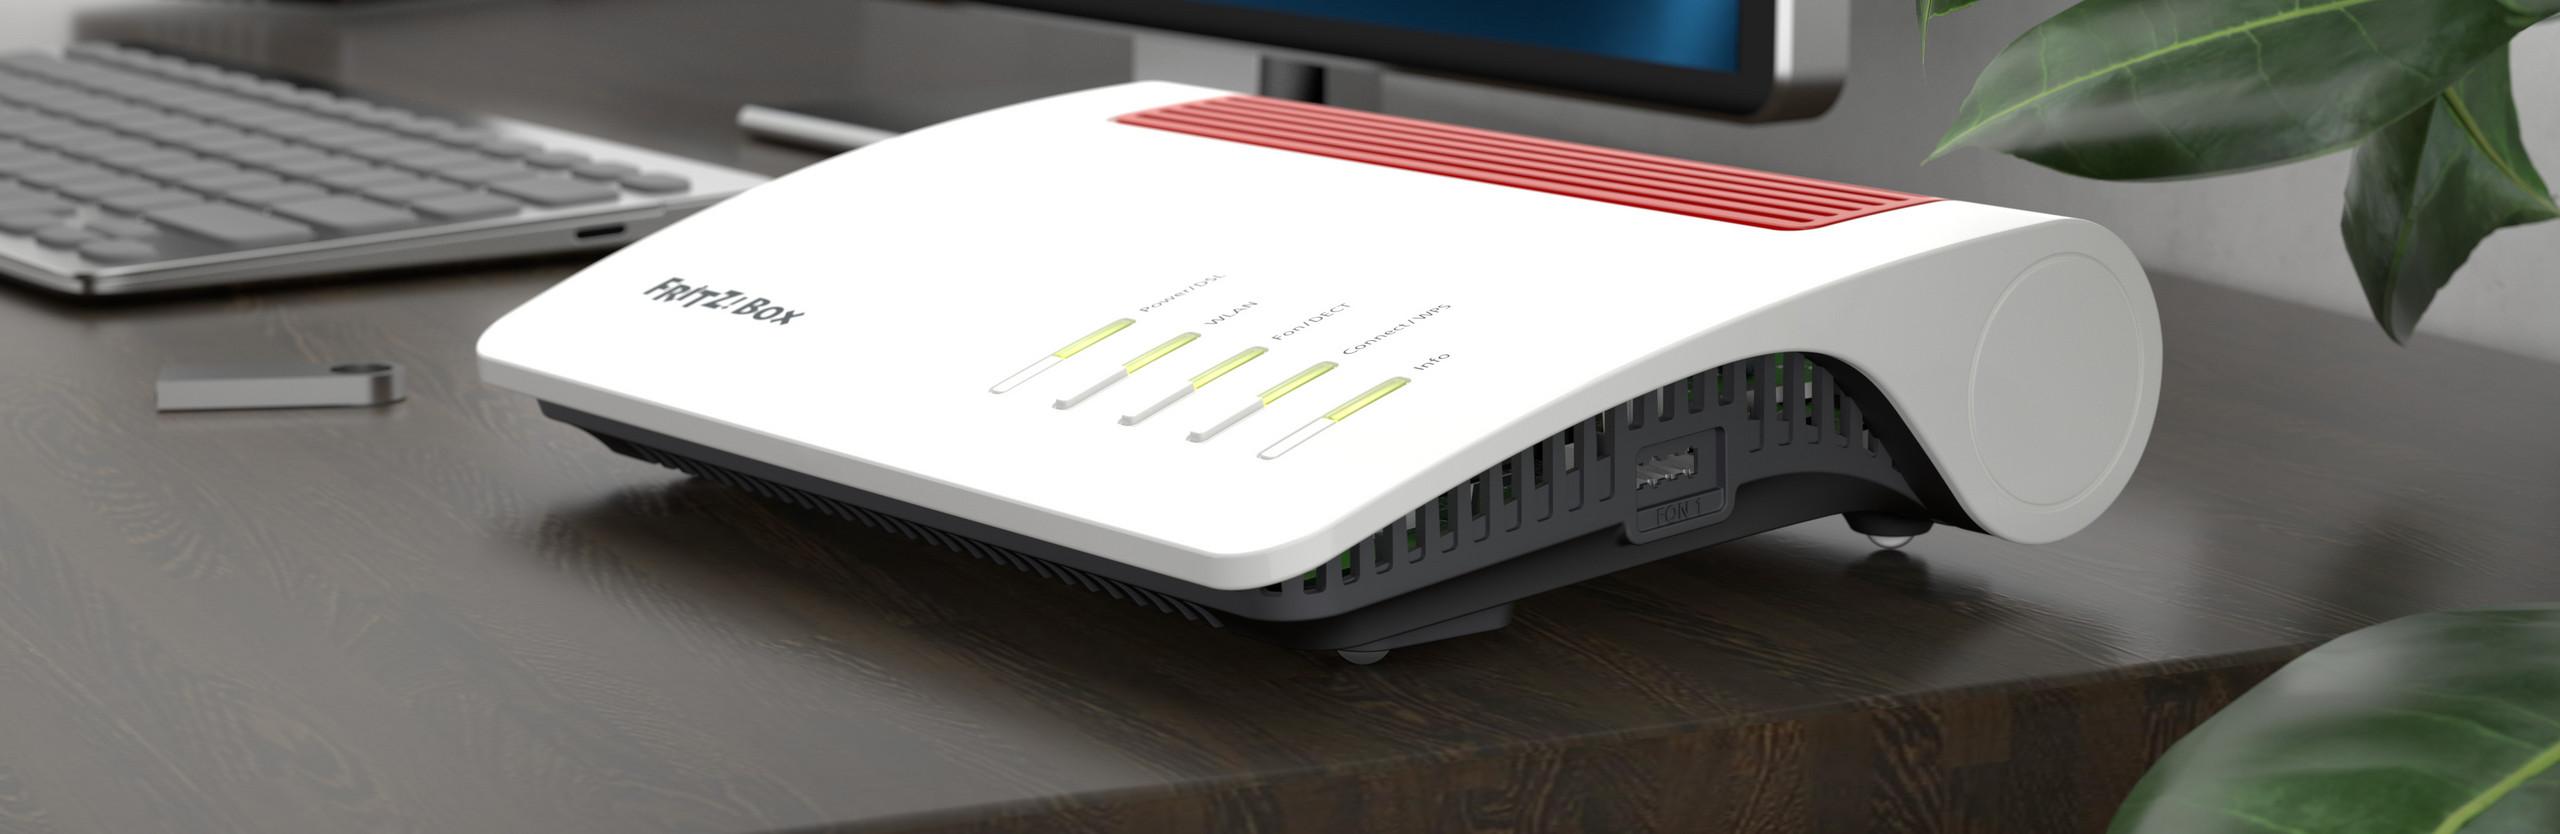 FRITZBox 20 AX   Details   AVM Deutschland